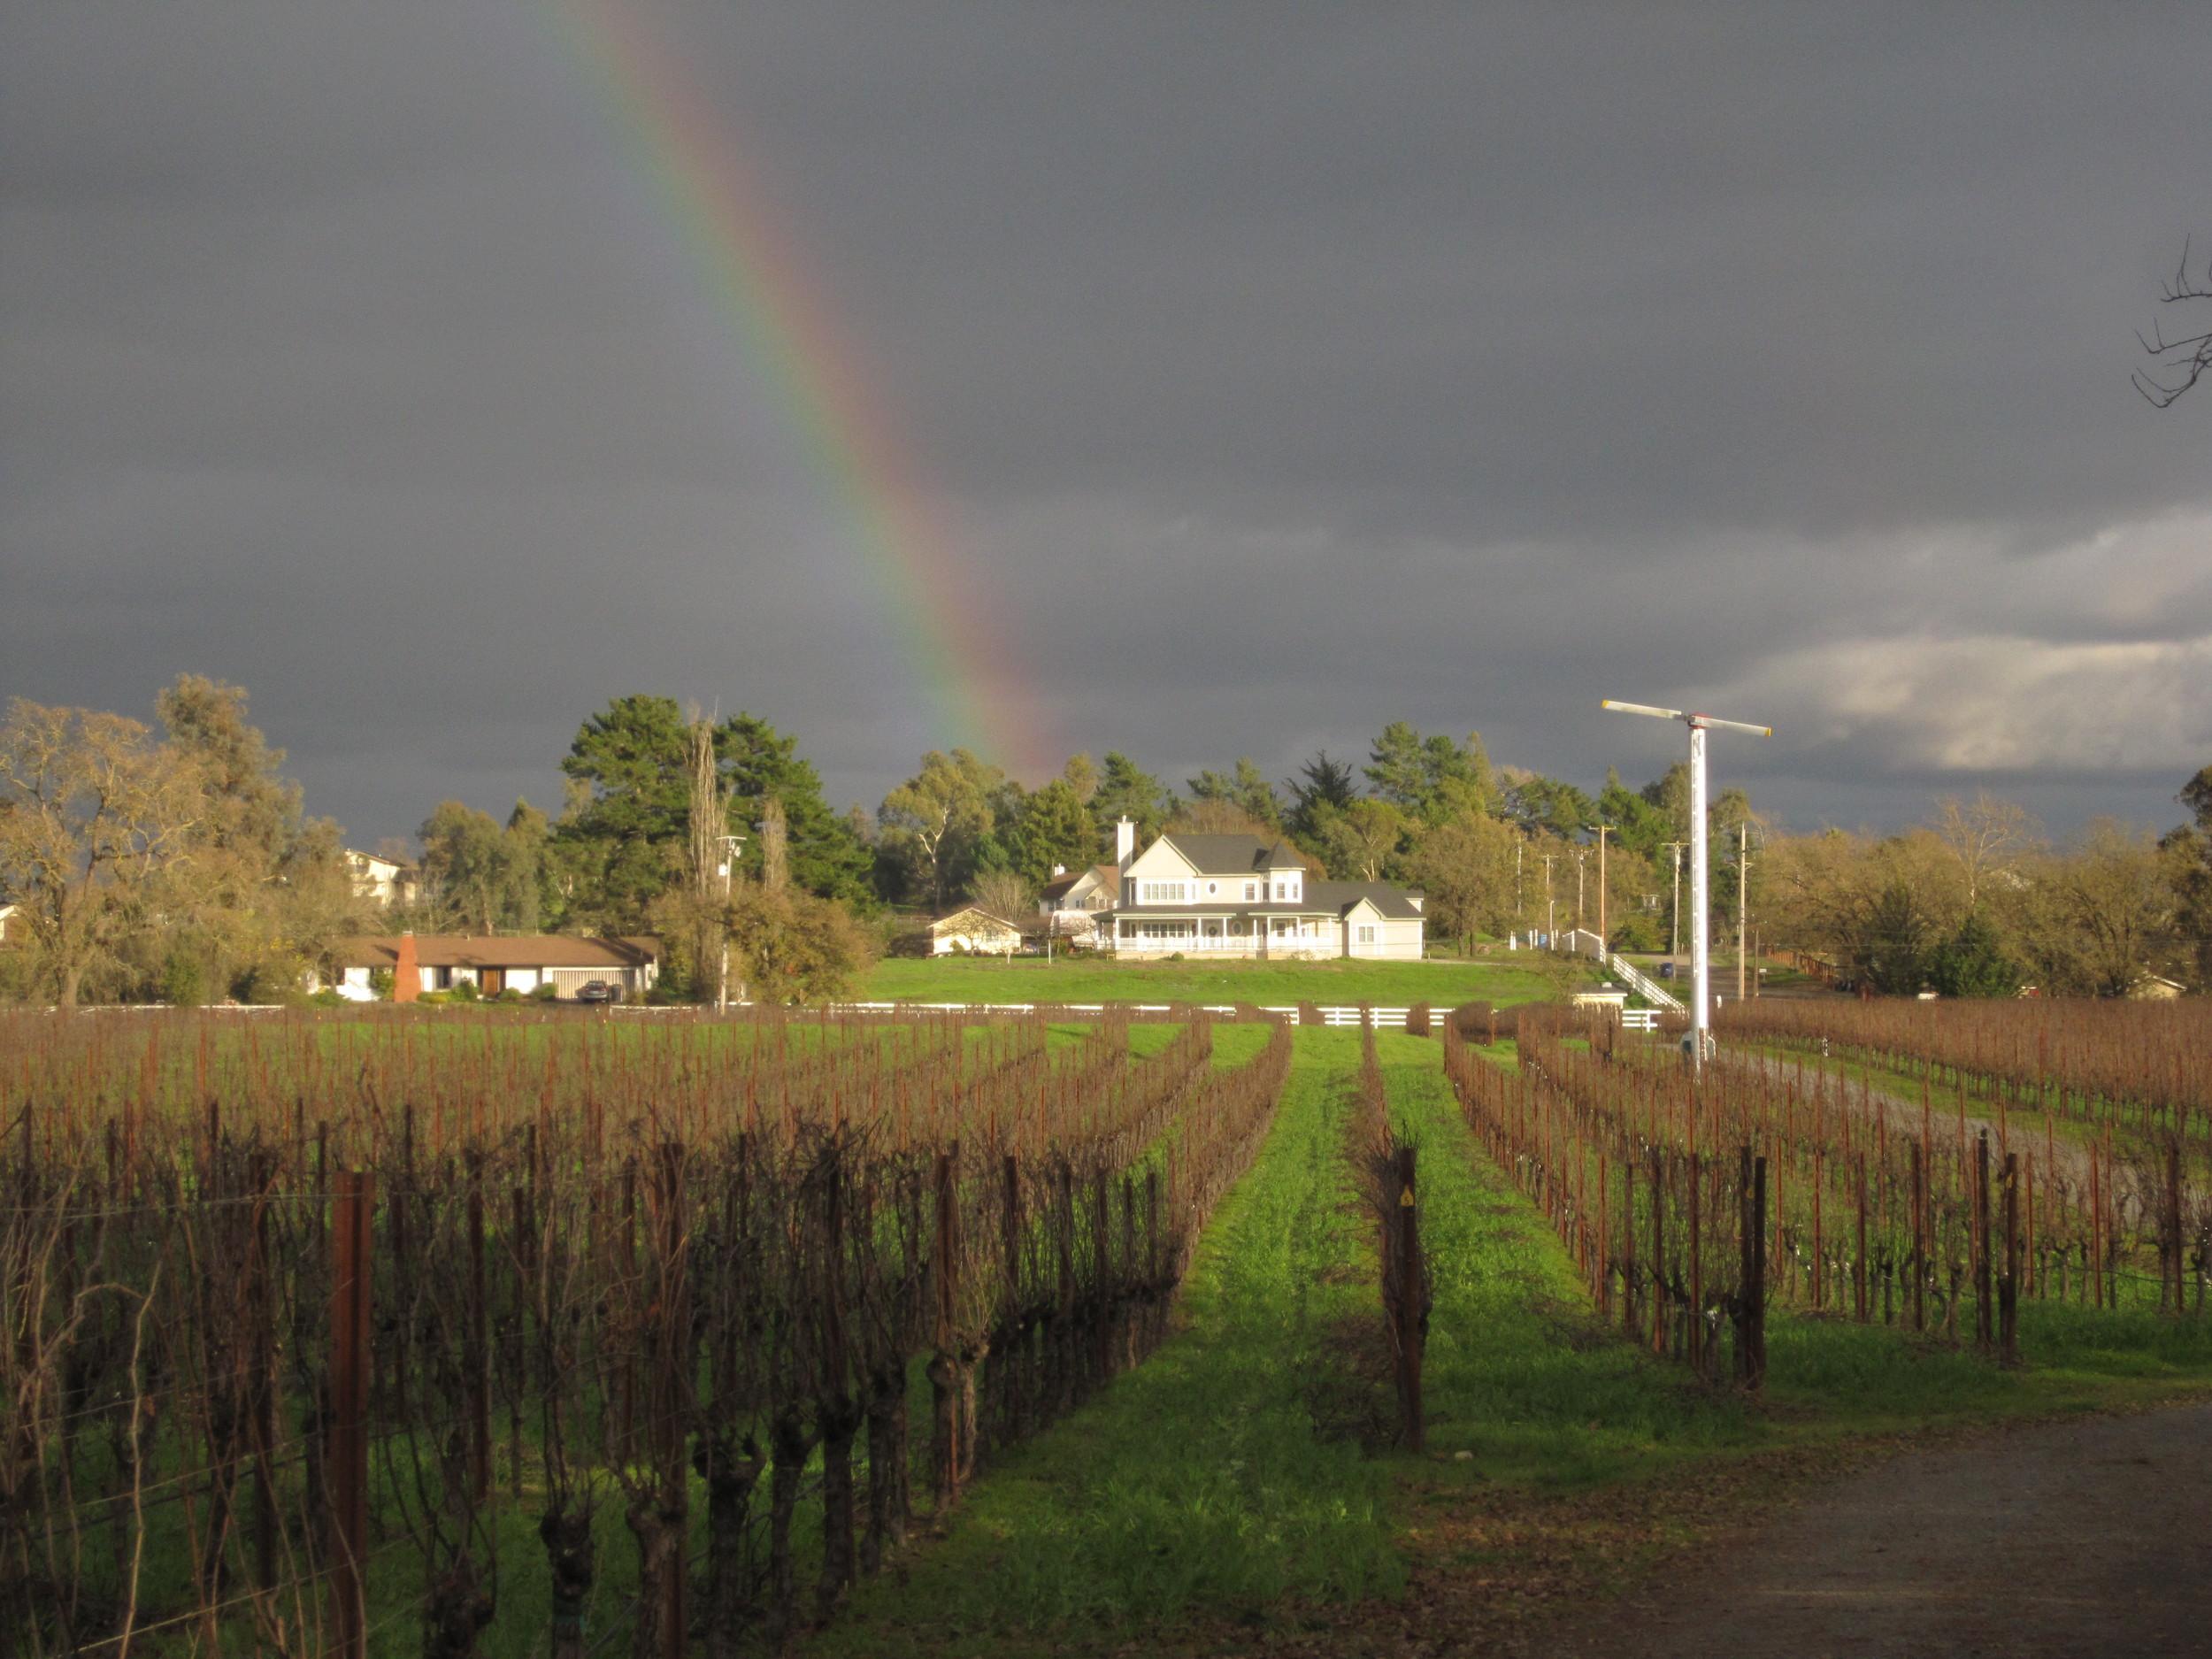 olivet rainbow 1.jpg